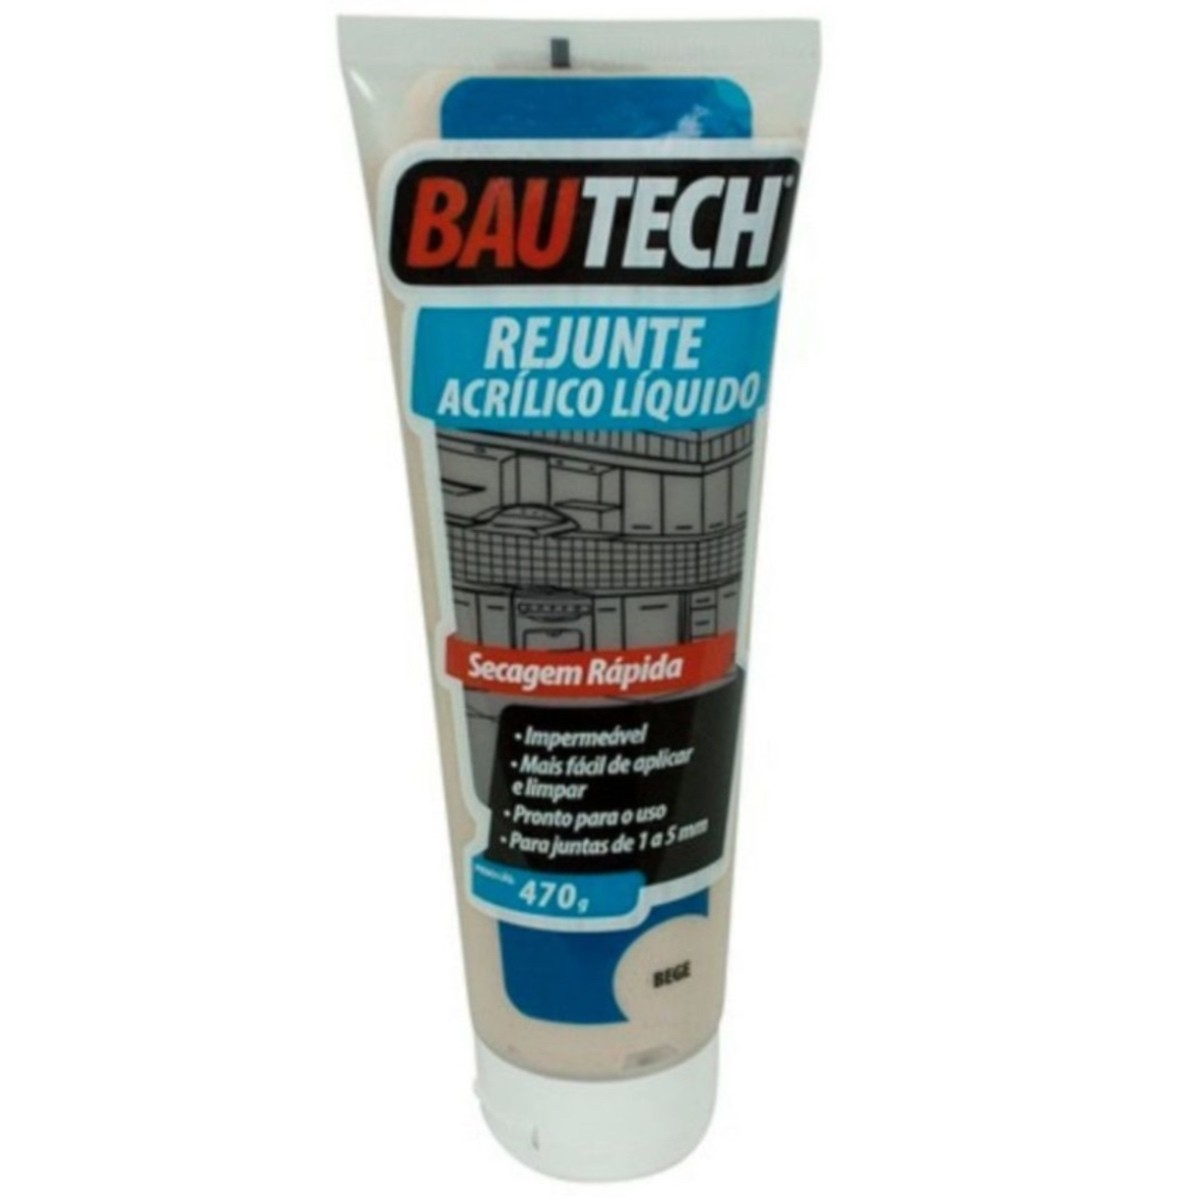 Rejunte Acrílico Liquido Bautech Bege 470g